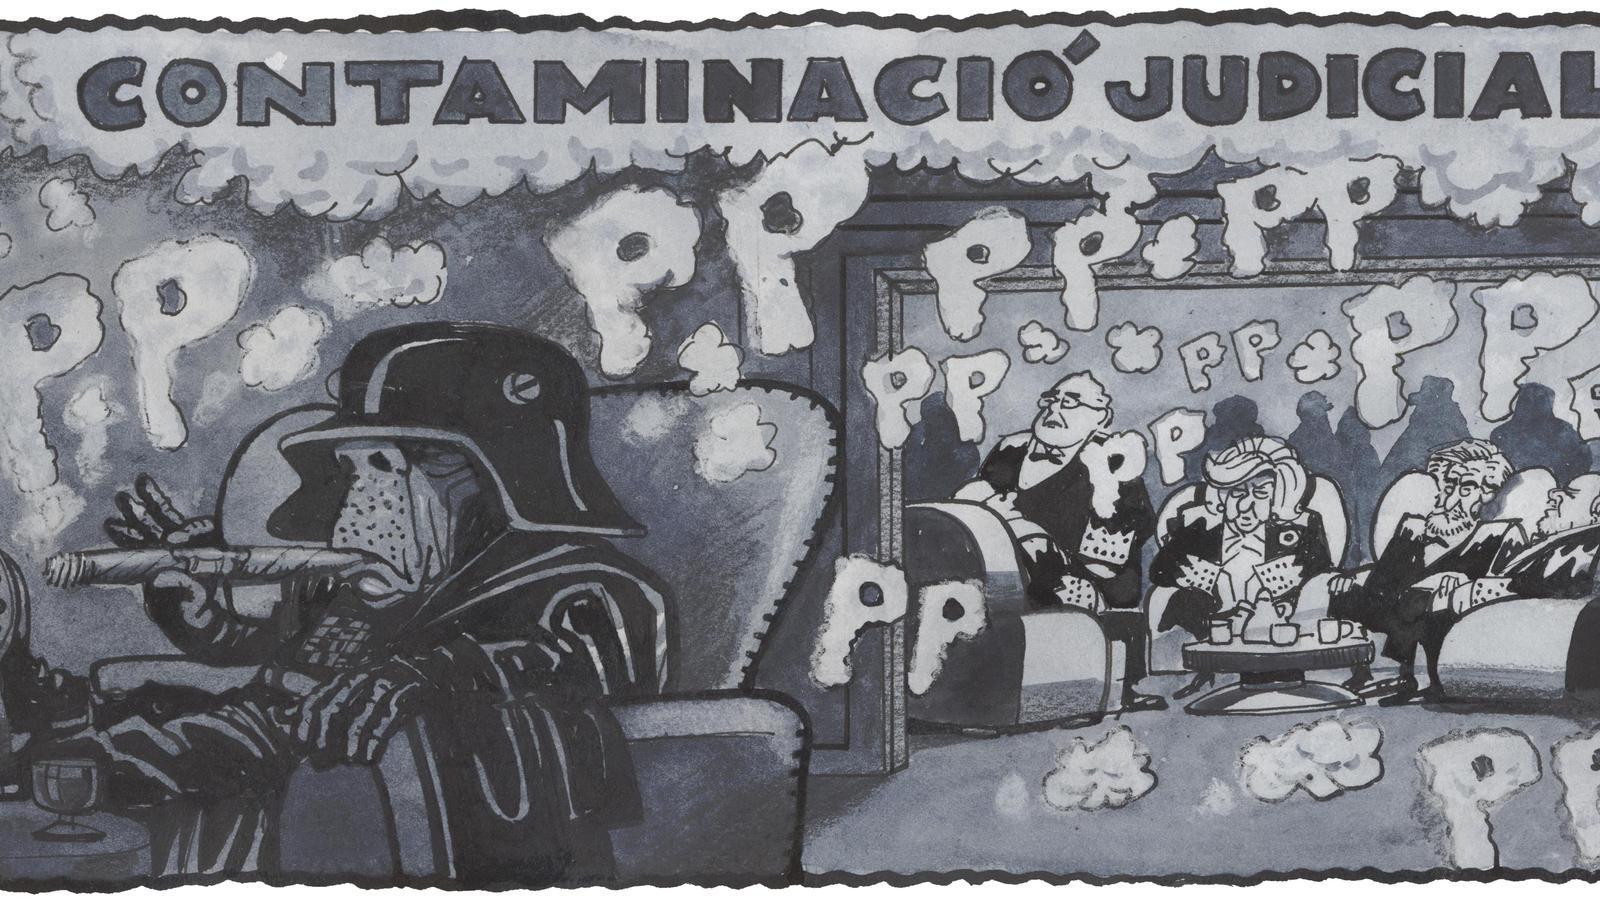 'A la contra', per Ferreres 28/09/2020